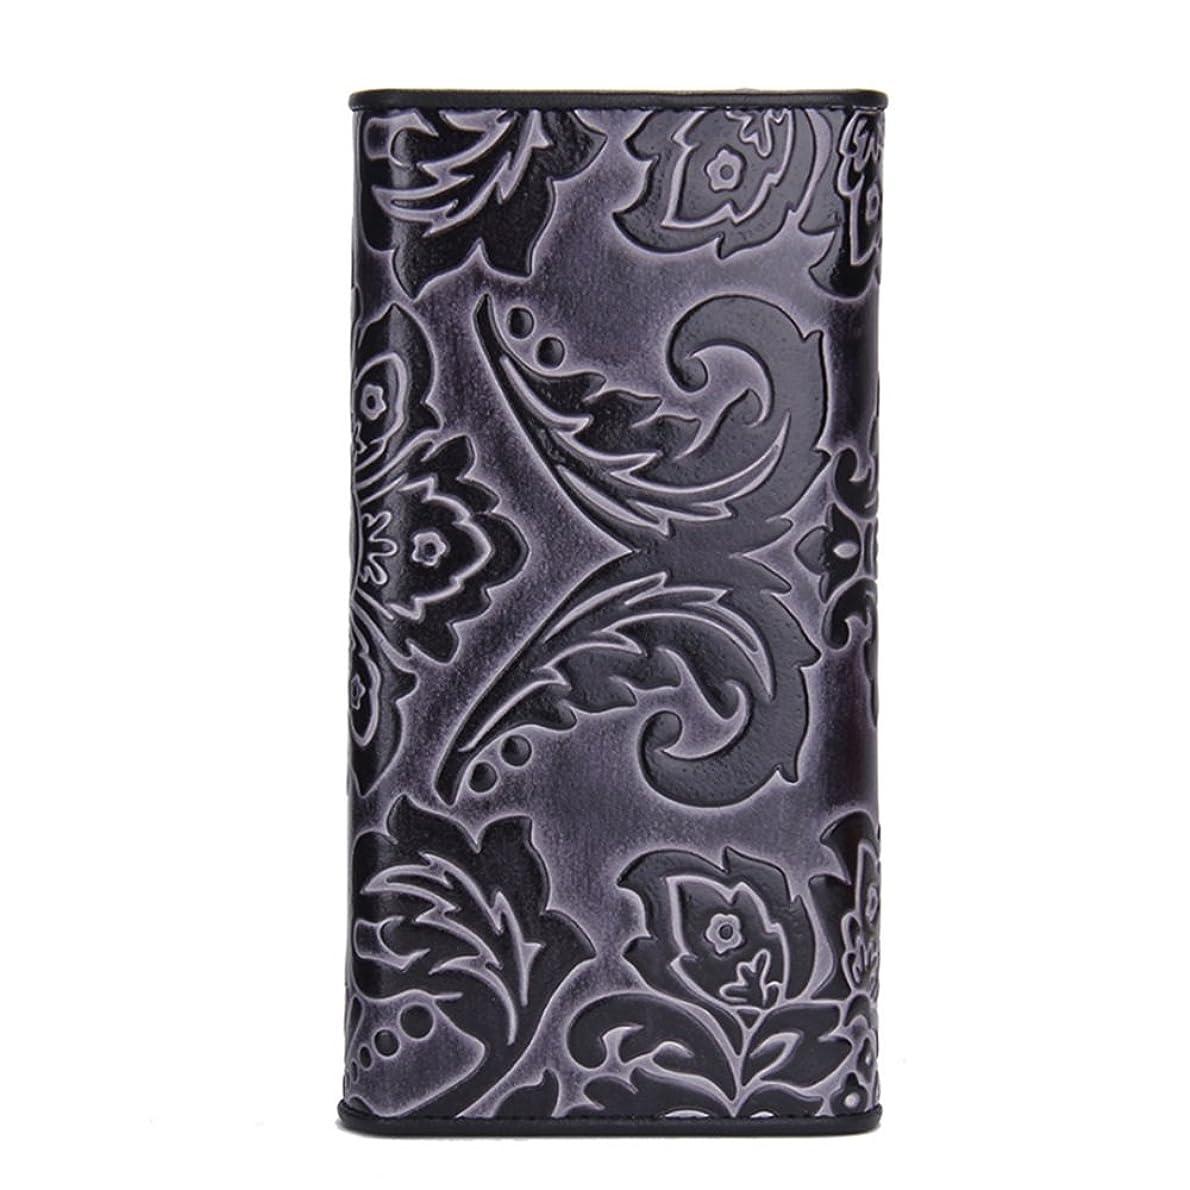 概念正規化質量女性用ウォレット 軽くて実用的、持ち運びが簡単な女性用長財布、ロングエンボスクラッチ、30倍、多機能財布、赤、黒、スタイリッシュな個性 一般的な携帯財布 (色 : ブラック)